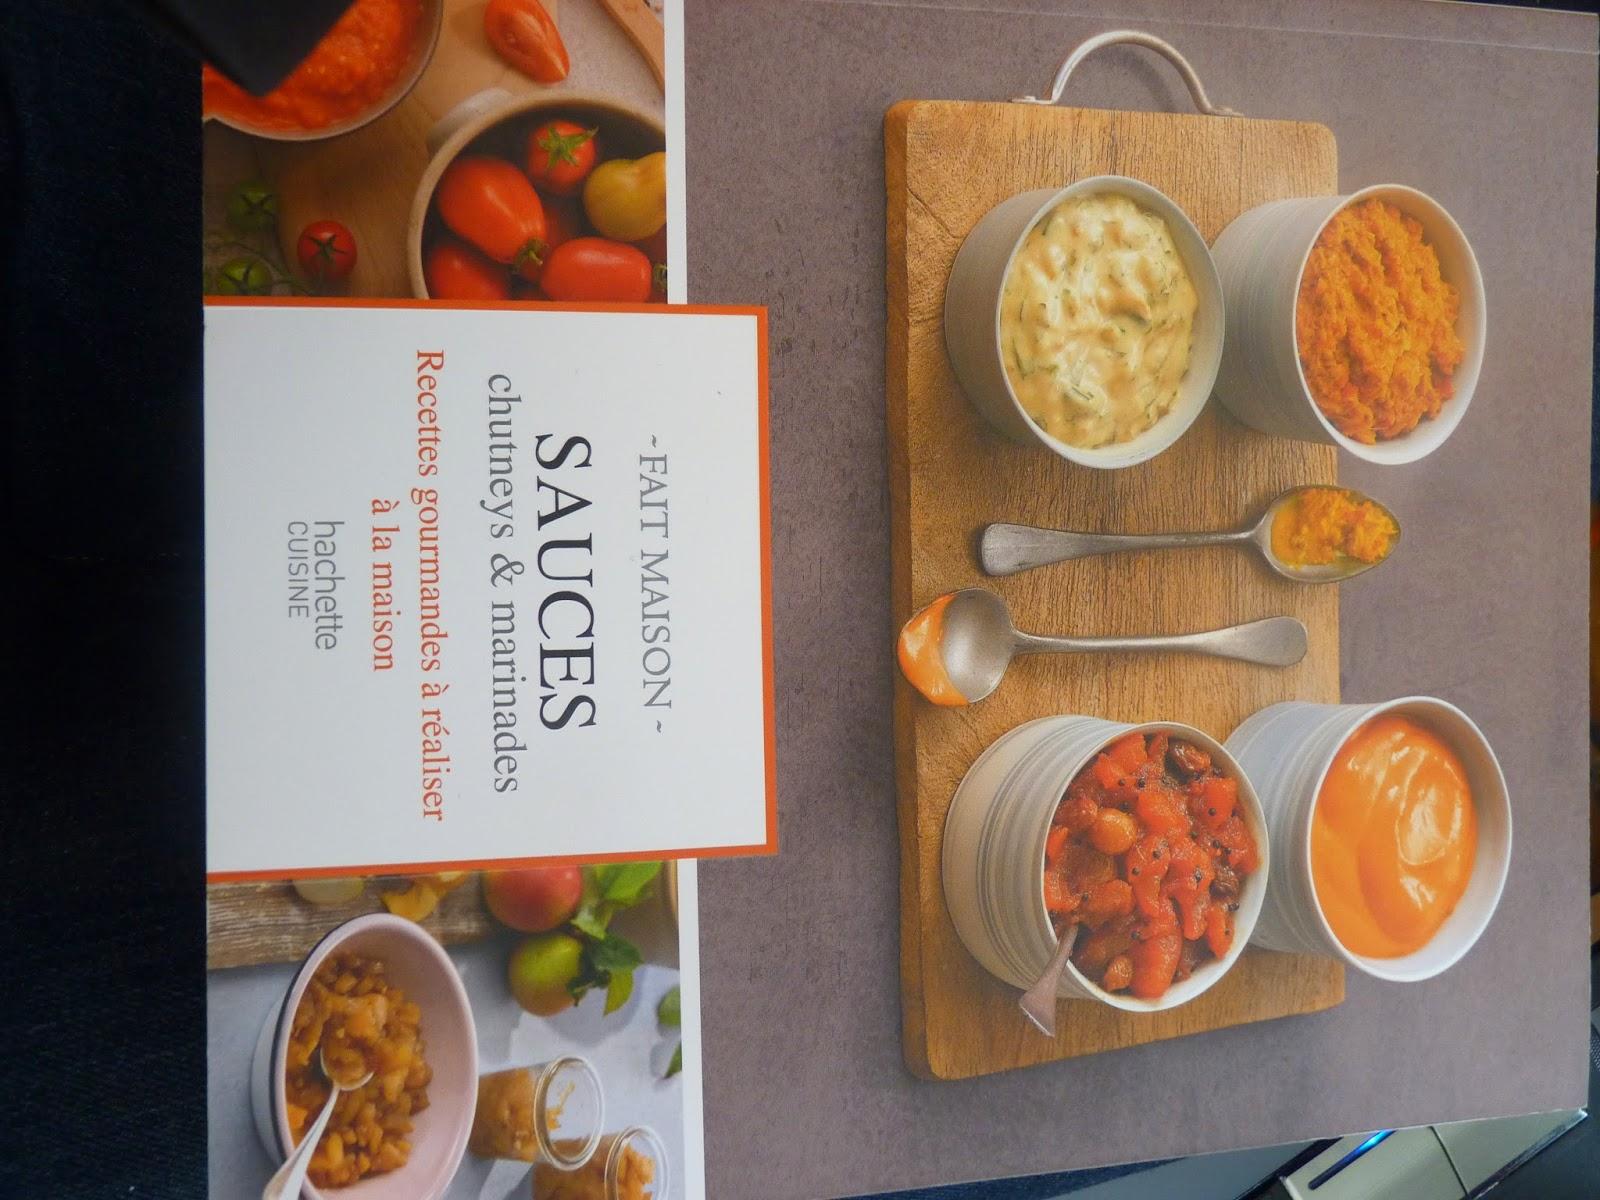 fait maison, cuisine, livre cuisine, sauce, sauces, chutneys, plats